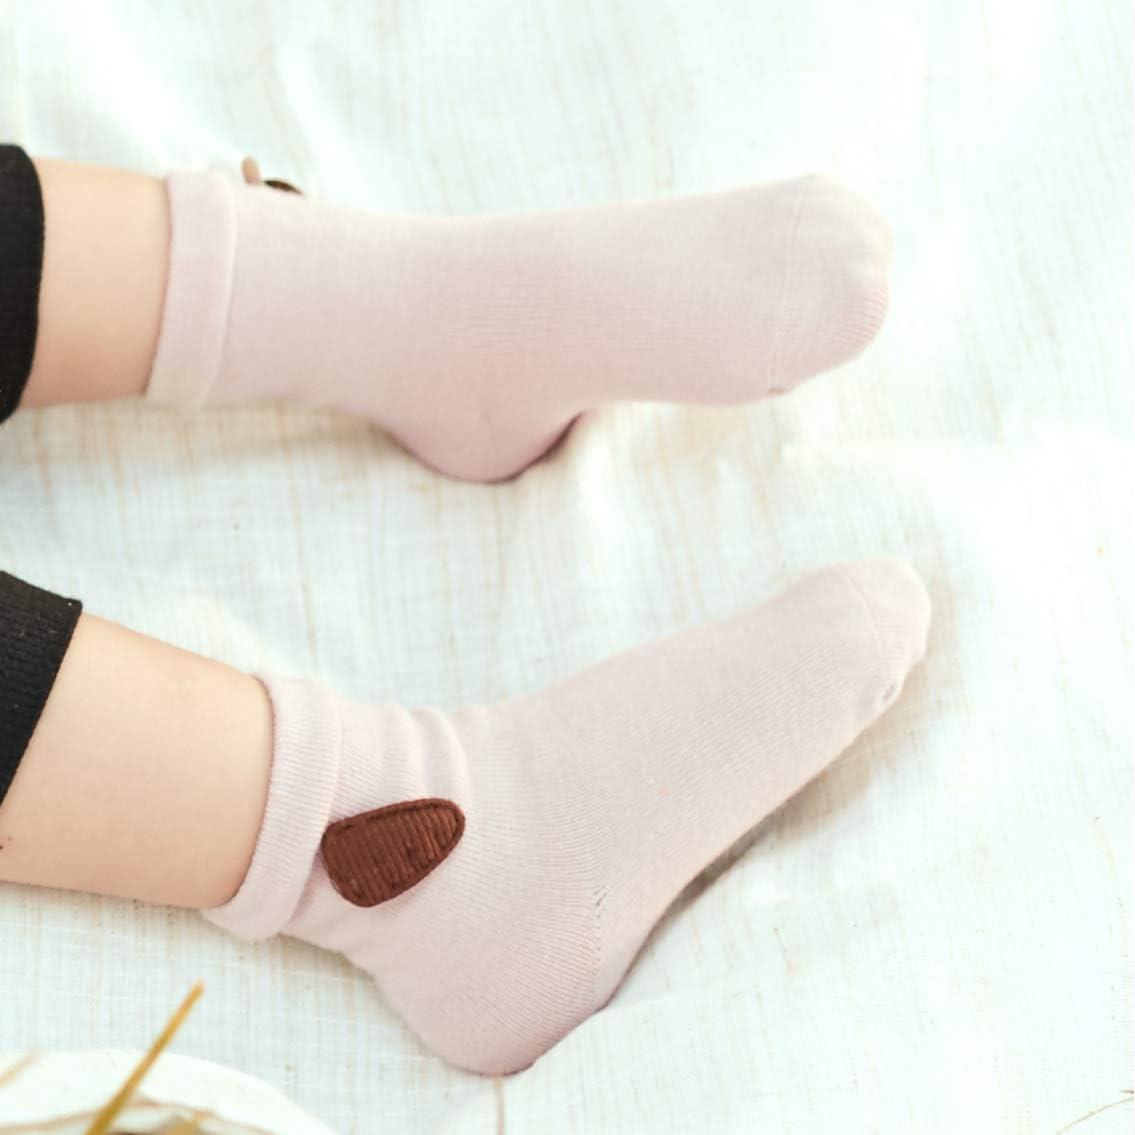 KKD Baby Socks Newborn For Babies Toddler Non Skid Ankle For Boys Girls Infant